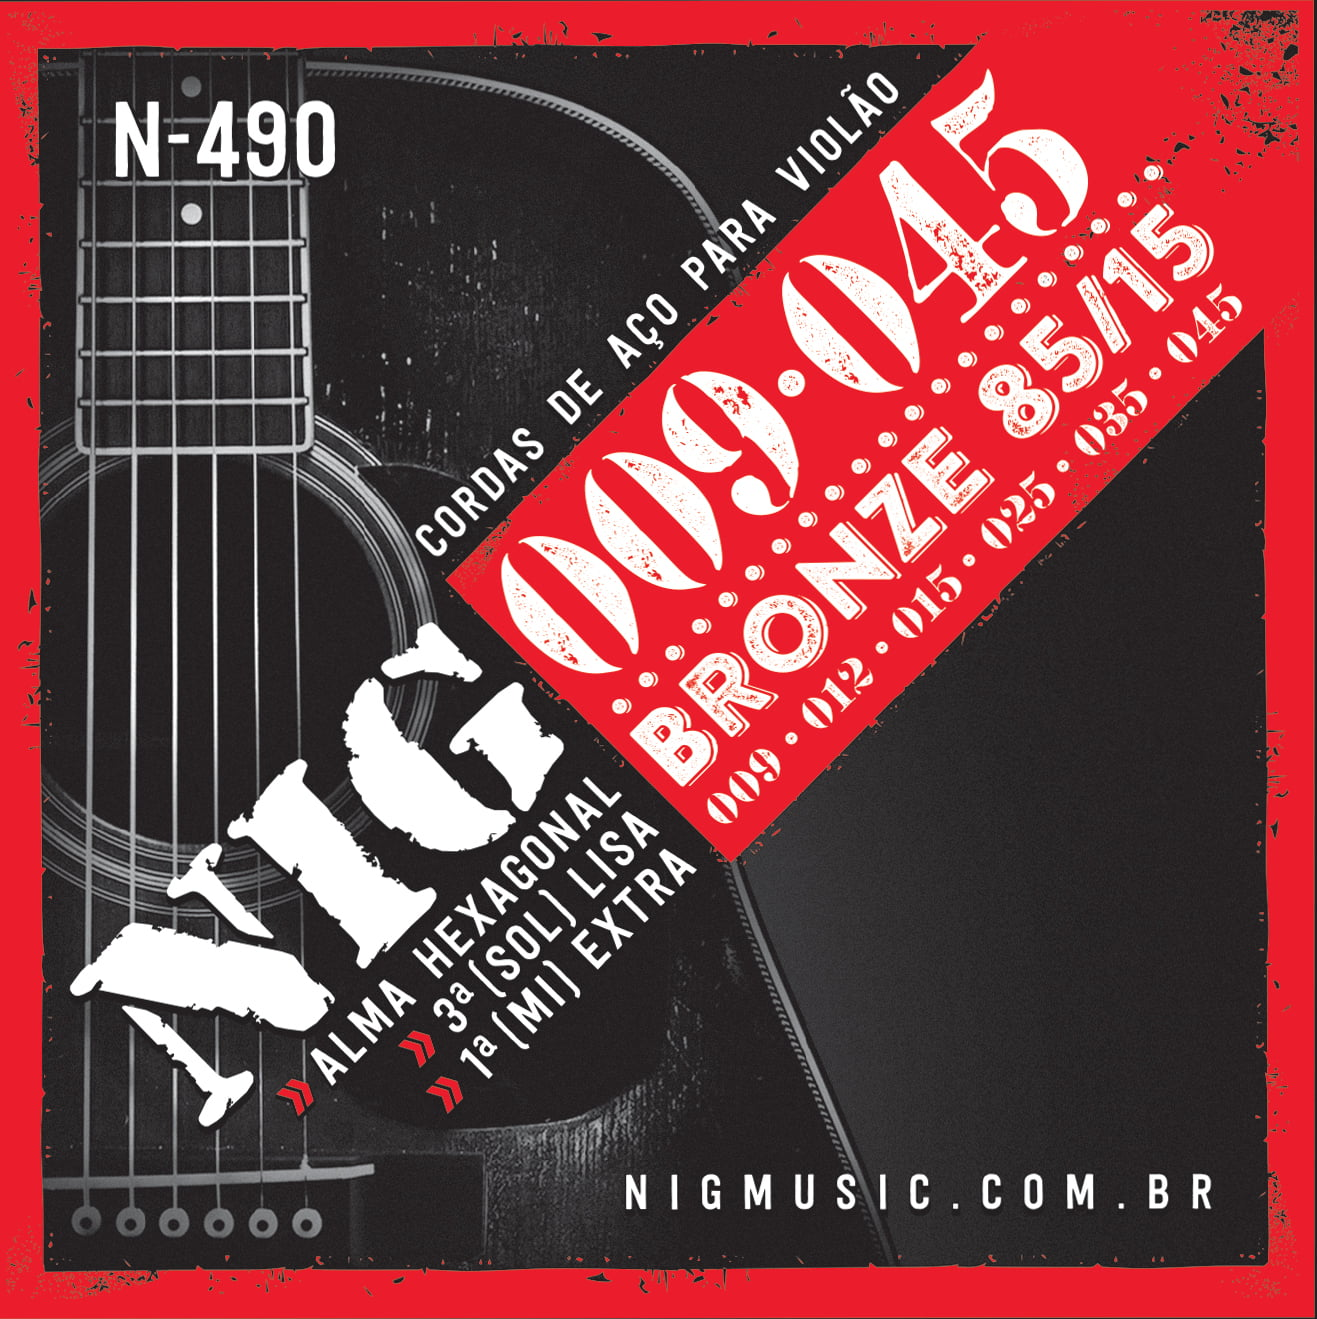 ENCORDOAMENTO NIG N490 VIOLAO AÇO